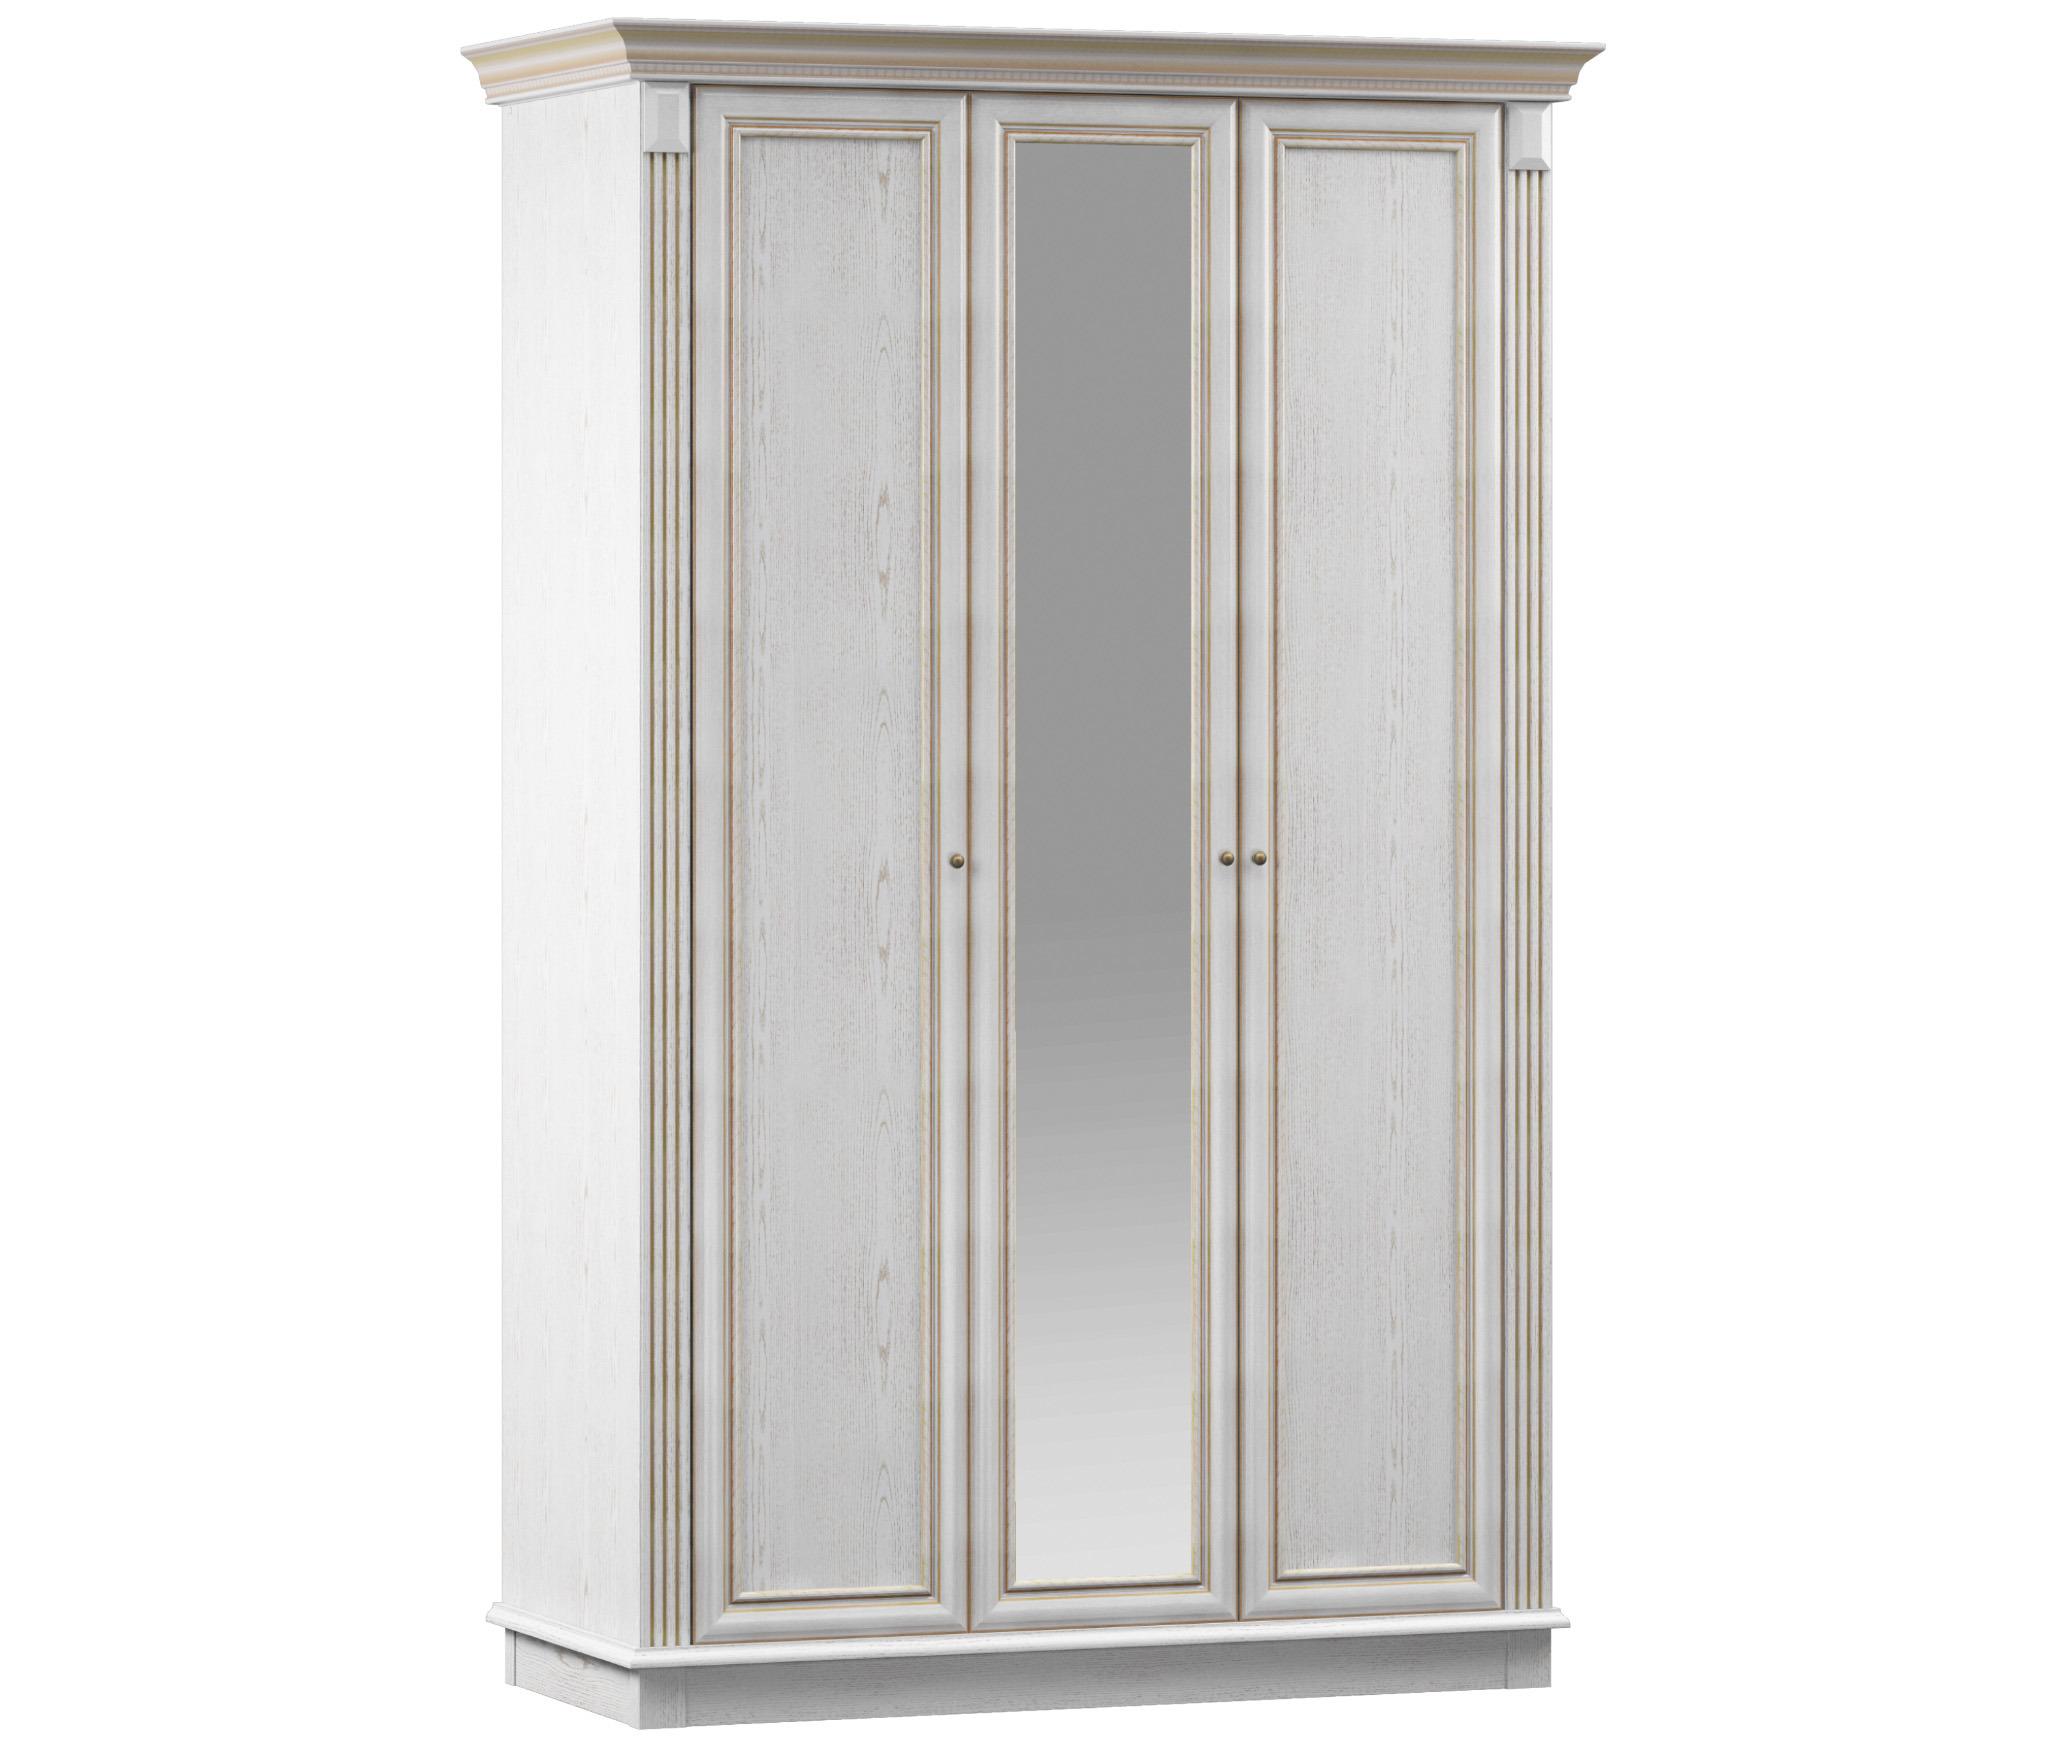 Версаль СБ-2318 Шкаф 3-х дверный с зеркаломШкафы<br><br><br>Длина мм: 1372<br>Высота мм: 2183<br>Глубина мм: 627